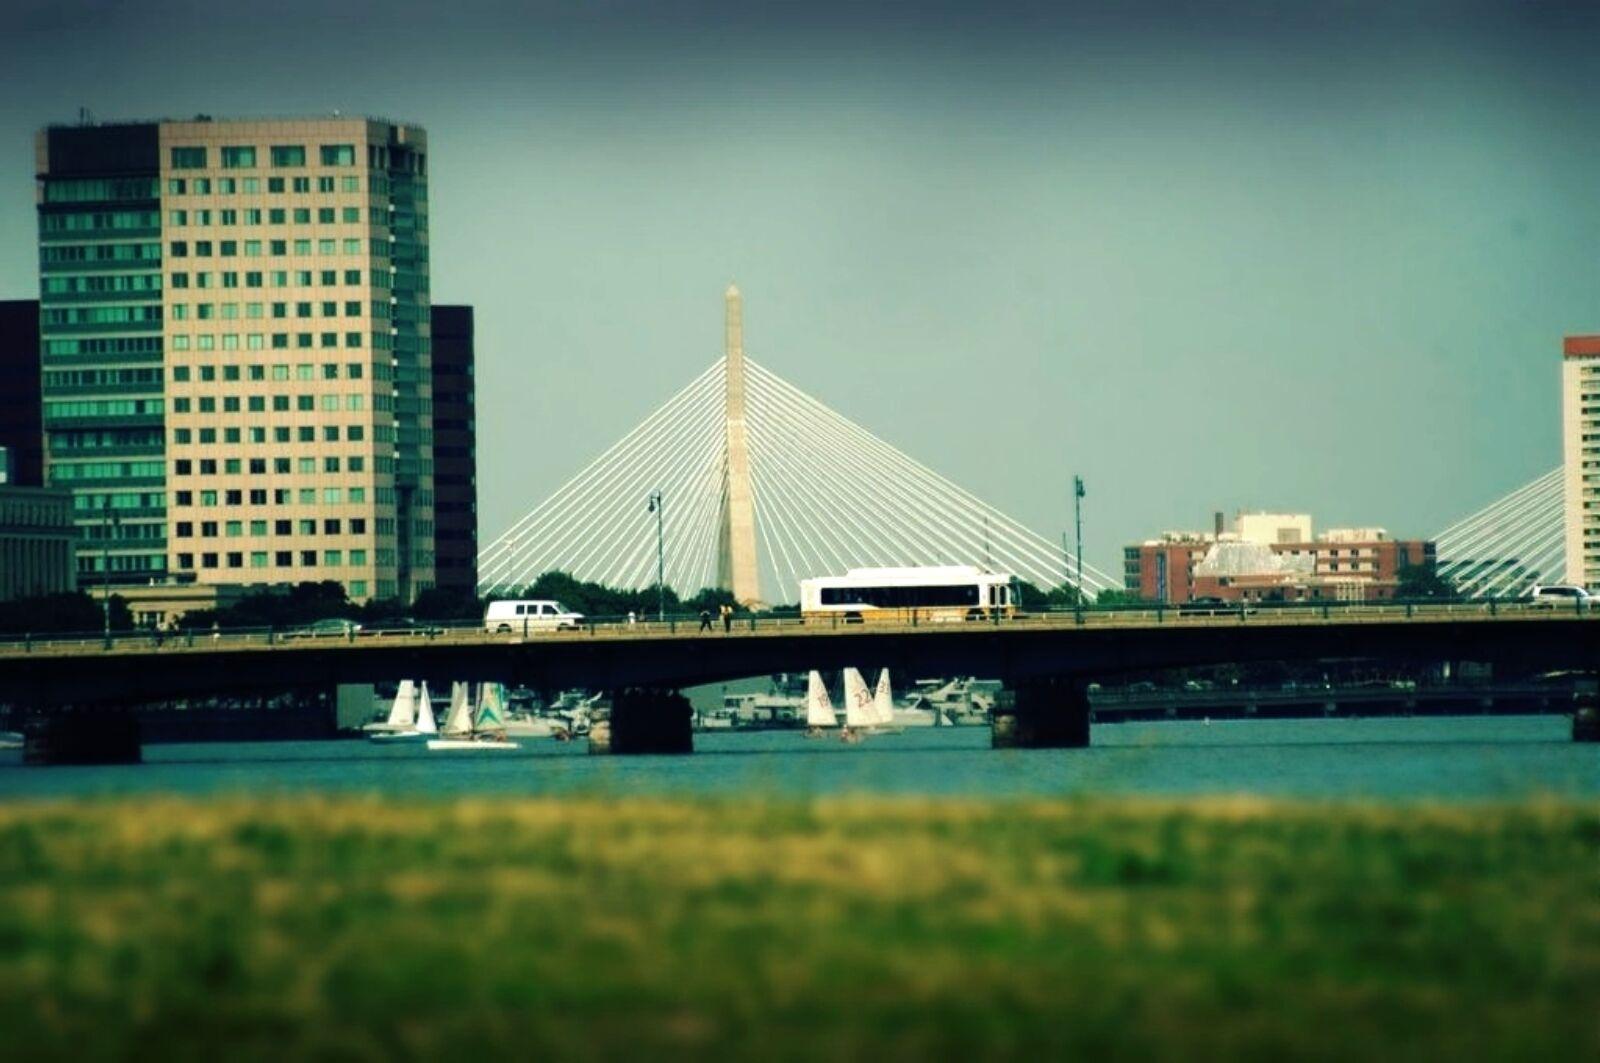 Boston Bridge by Ross Kenney